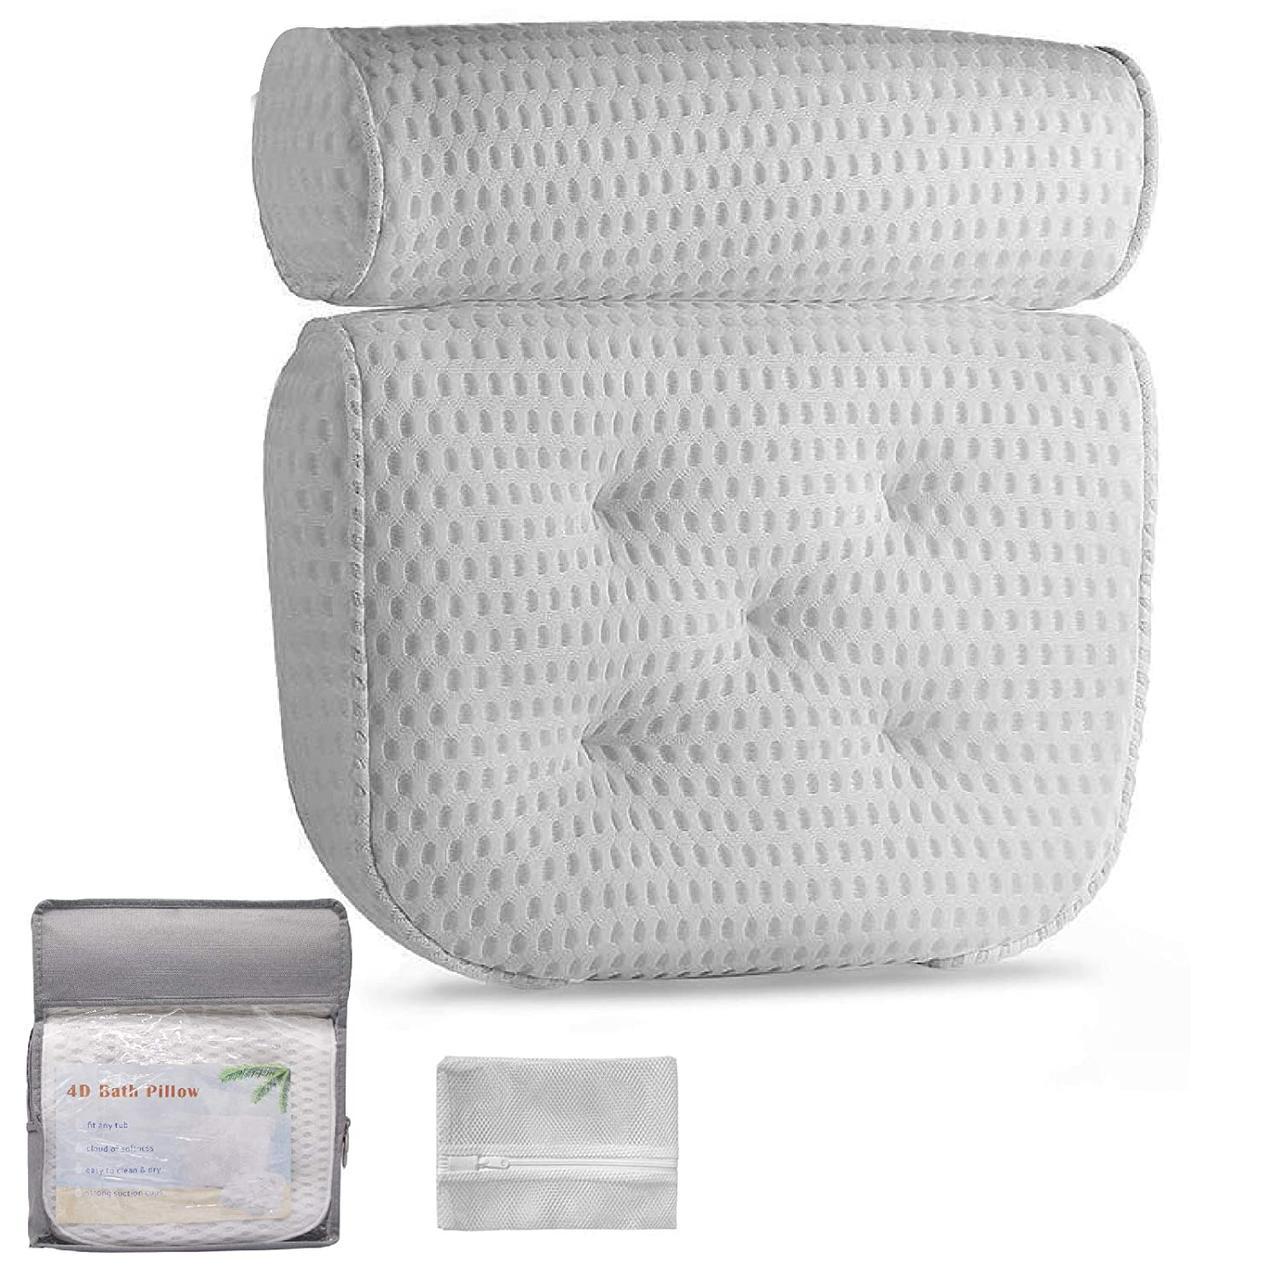 Подушка для ванны KiDEPOCH 4D Air Mesh на 7 присосках